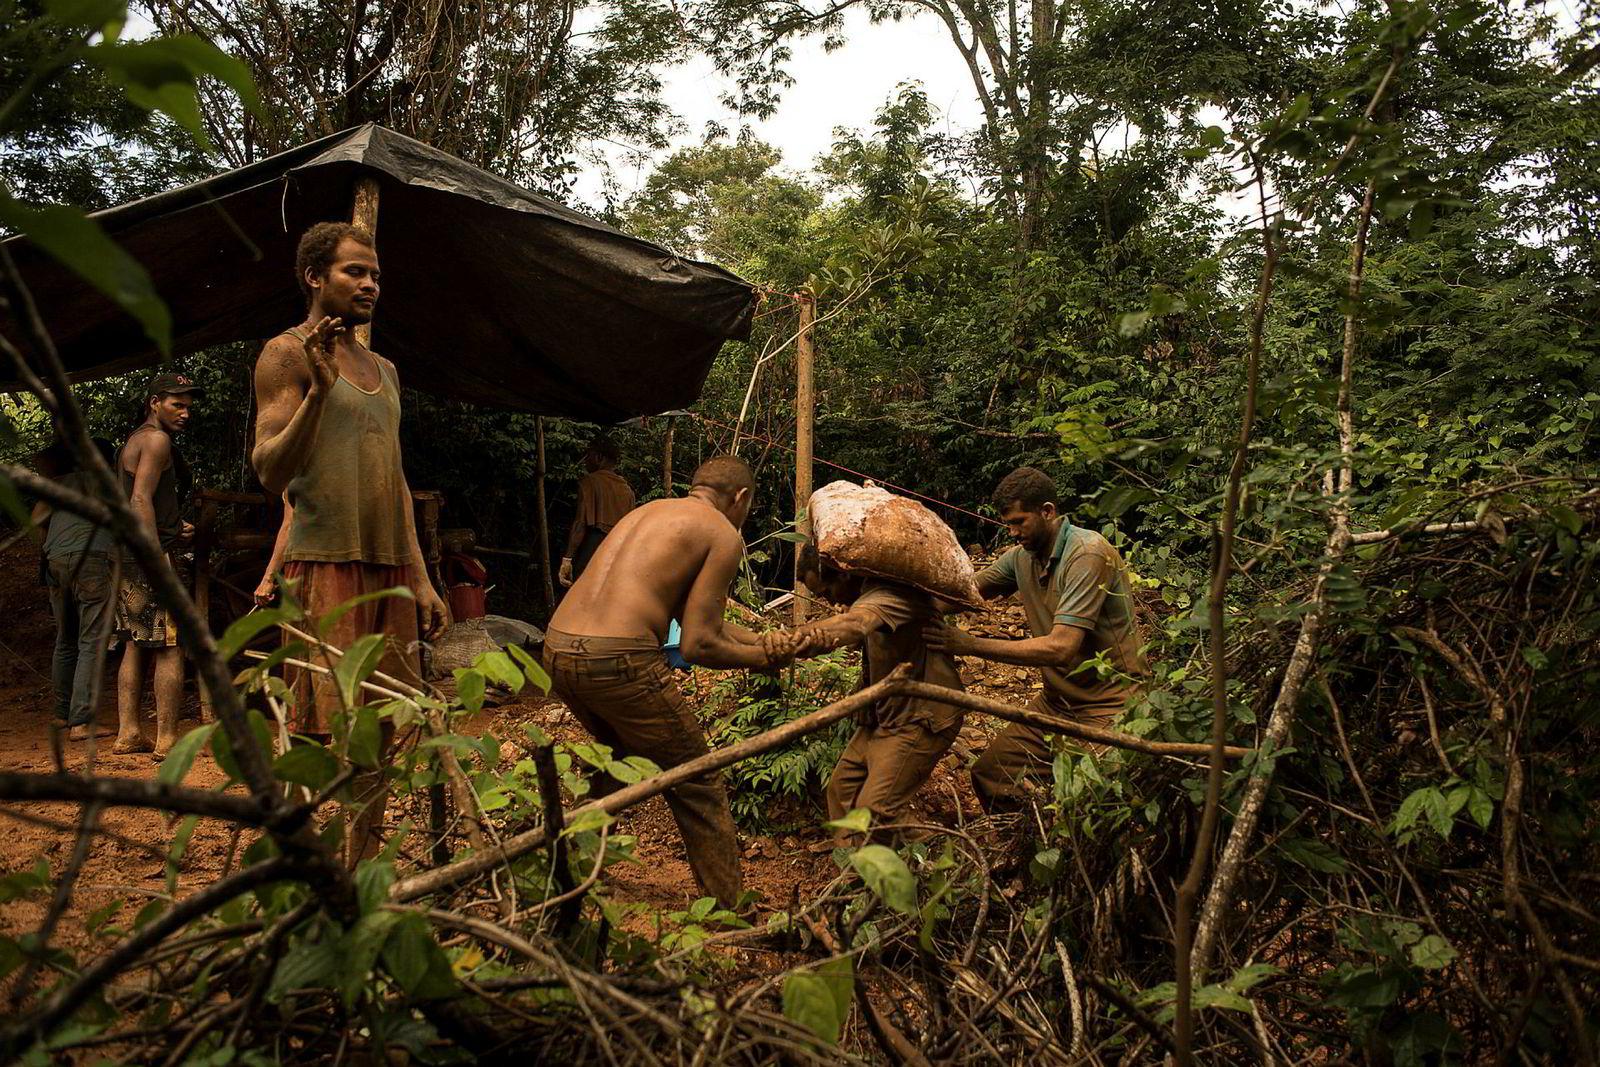 Gruvearbeiderne i El Callao, Venezuelas gullhovedstad, er underlagt væpnede bander som samarbeider med hæren. Byen er en av landets farligste, hvor sivile, gruvearbeidere og urfolk jevnlig blir drept.